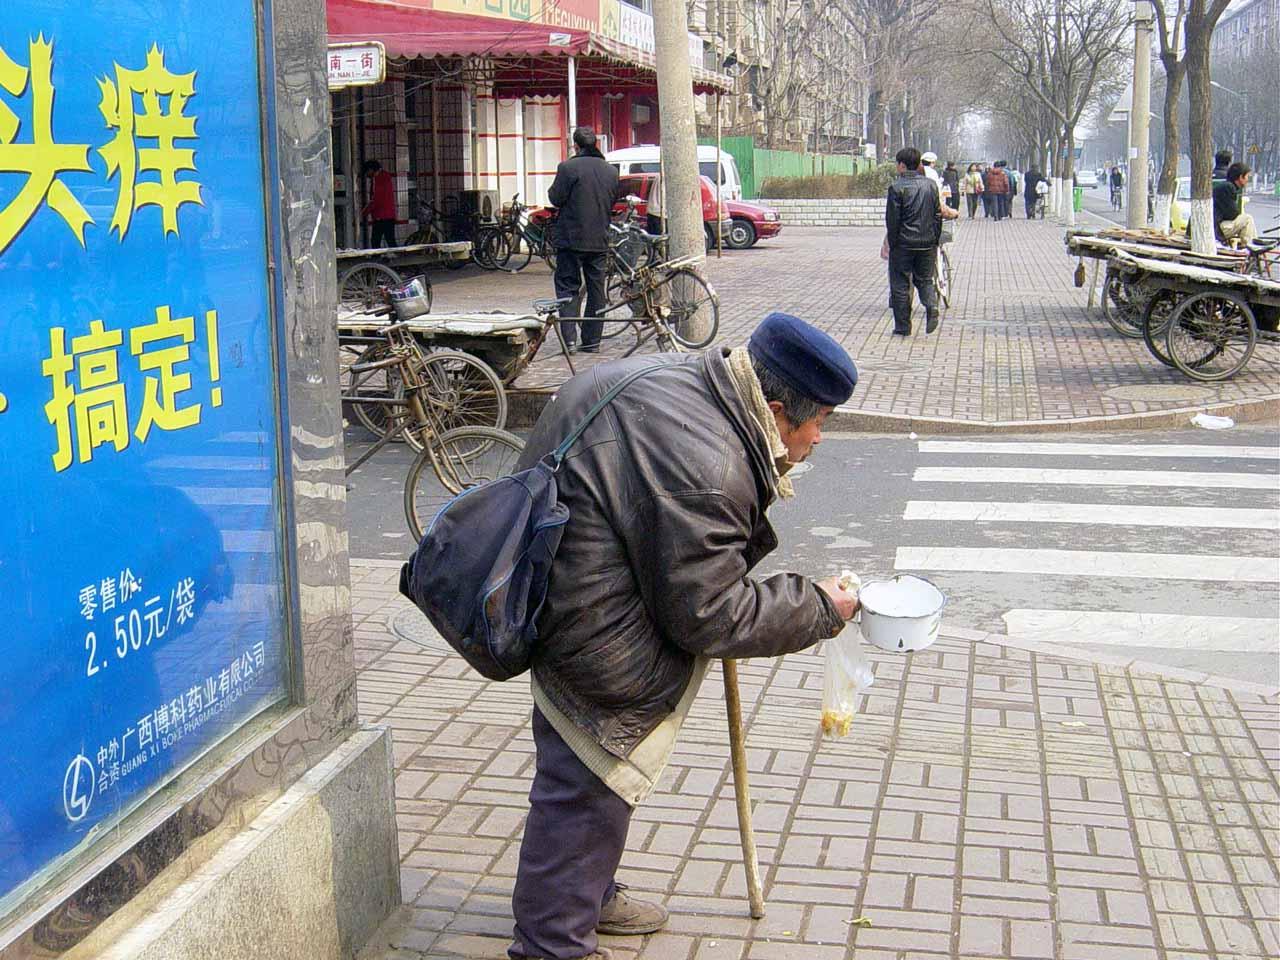 兩會期間,在高法前乞討的老人。2005年3月1日攝。(大紀元)